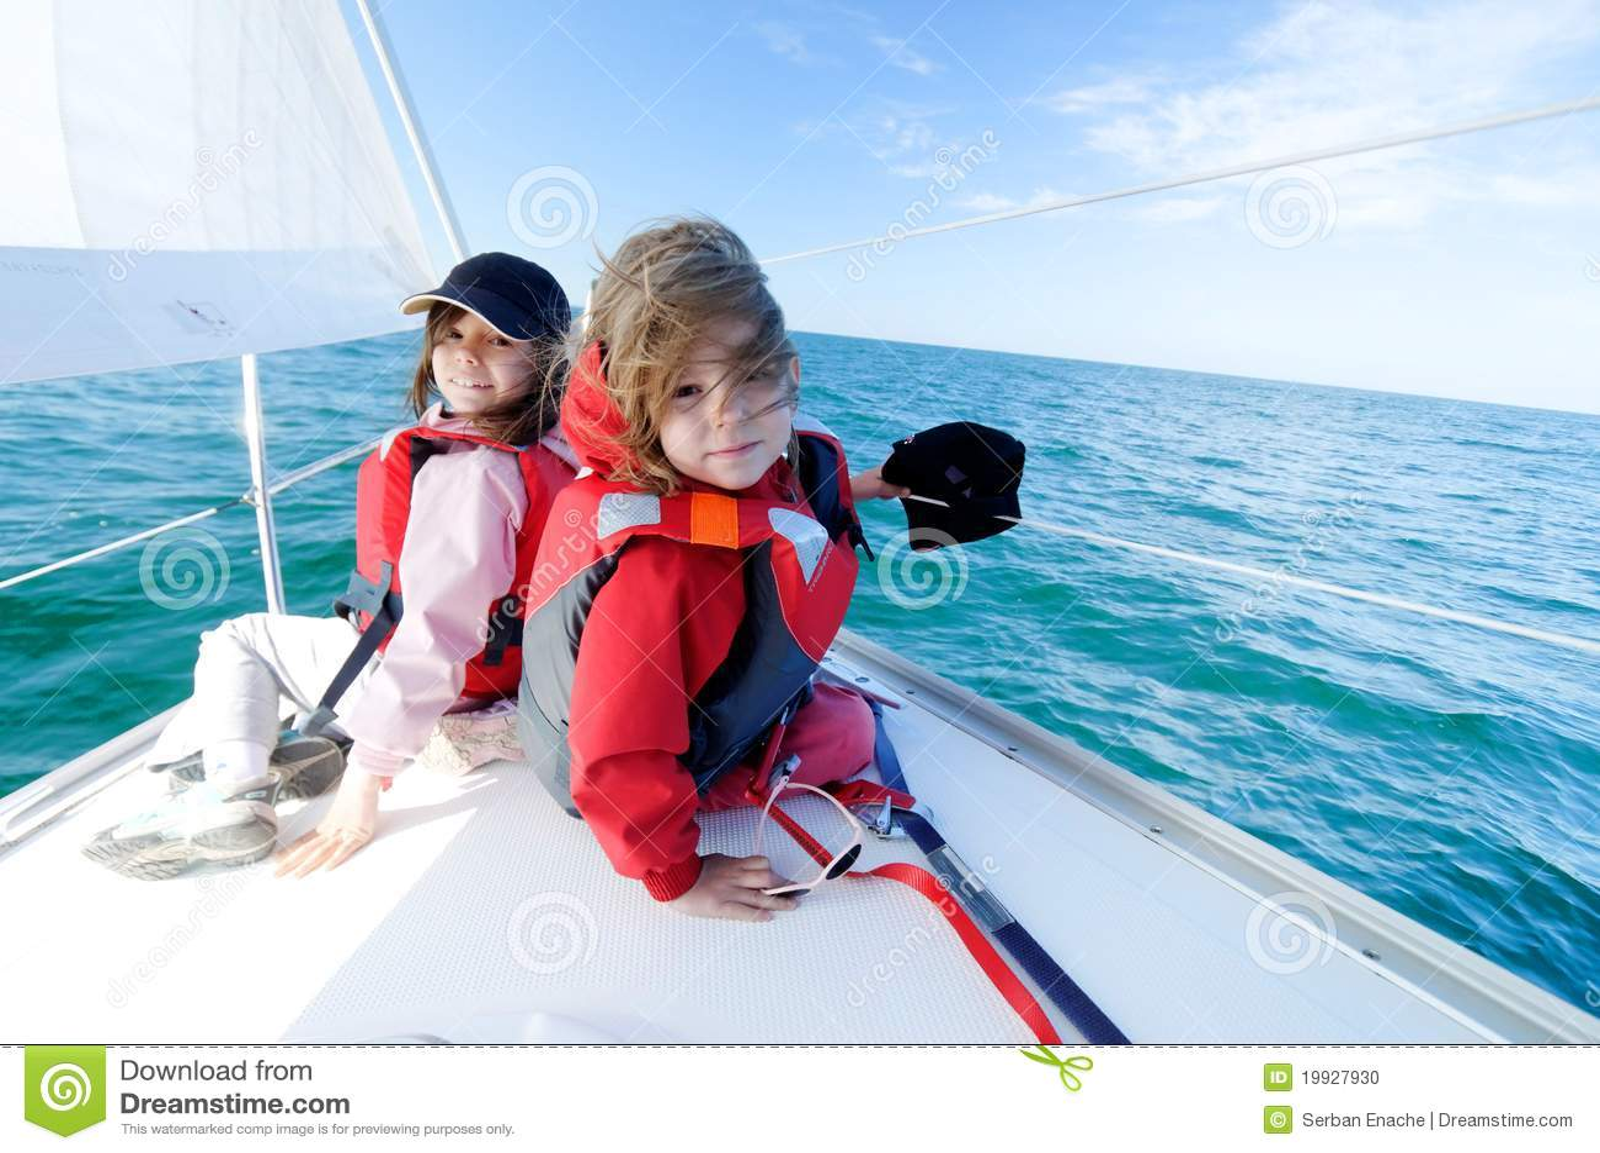 Children sailing on yacht